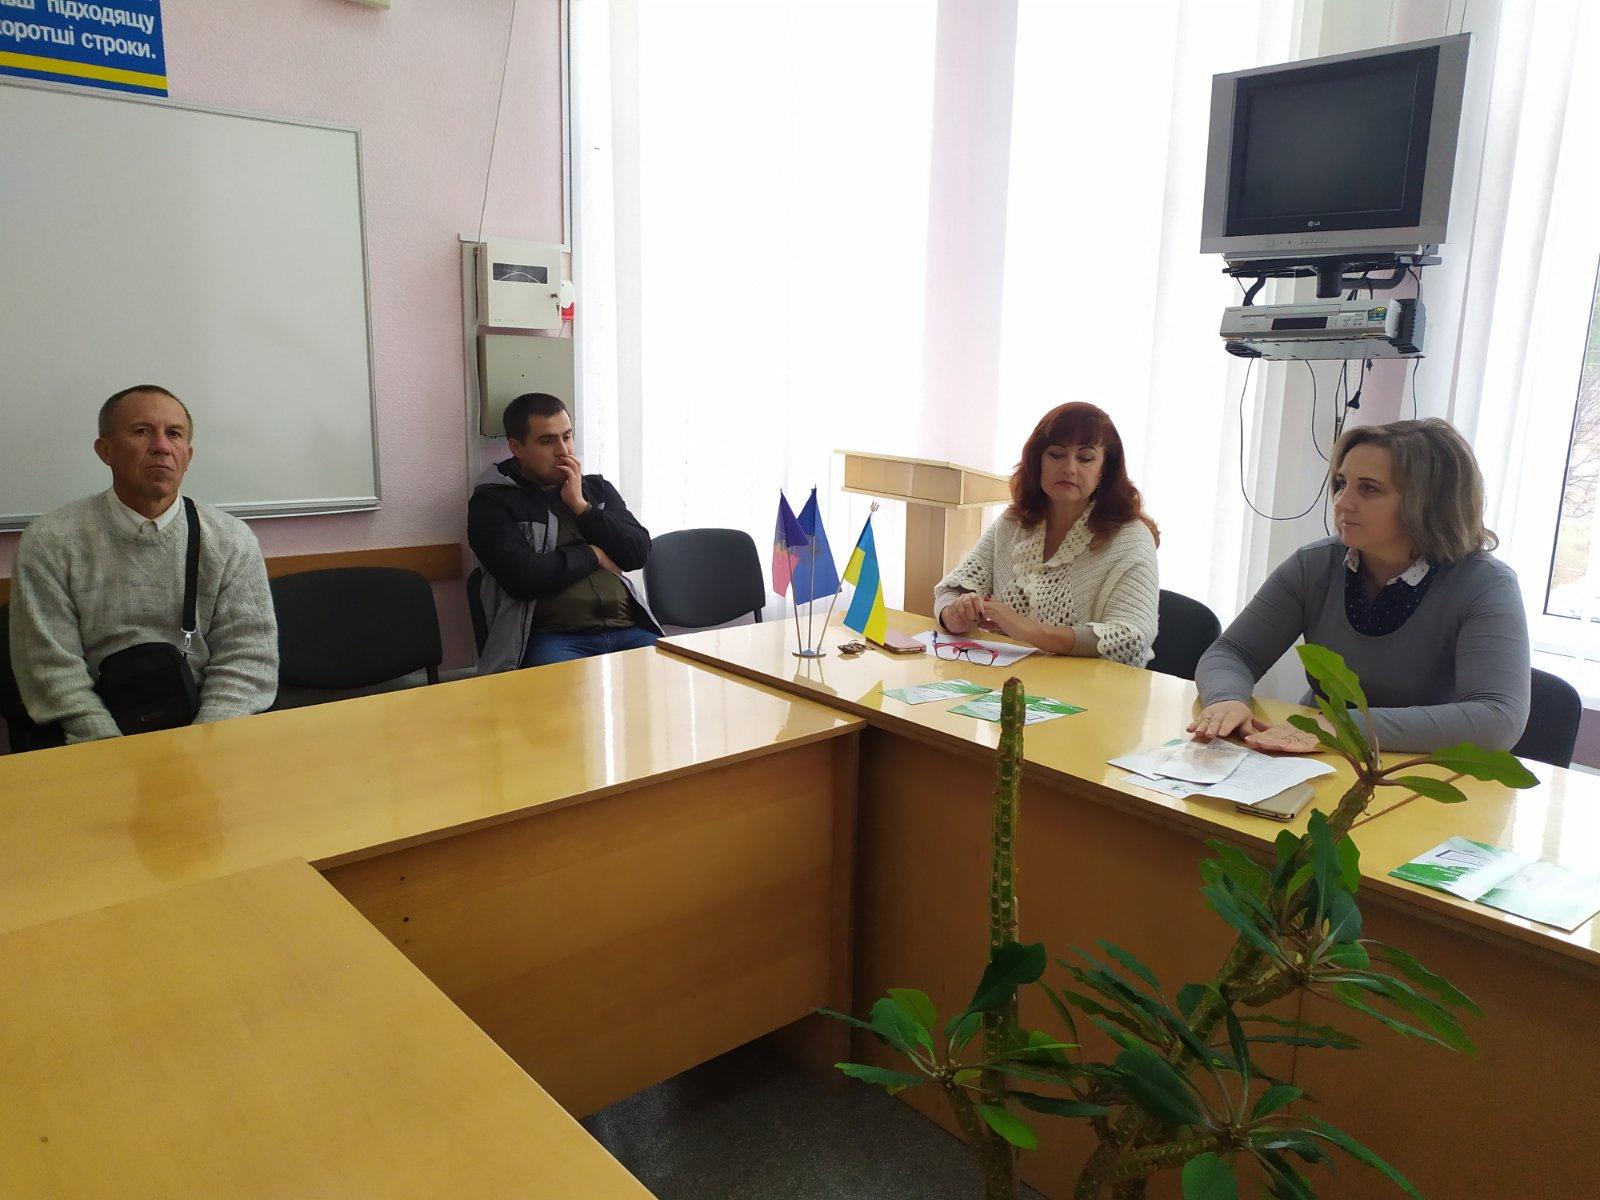 IMG f14de51892417978d220fc90c66d81d2 V - Відбулась зустріч з працівниками та профспілковими організаціями Городоцького району